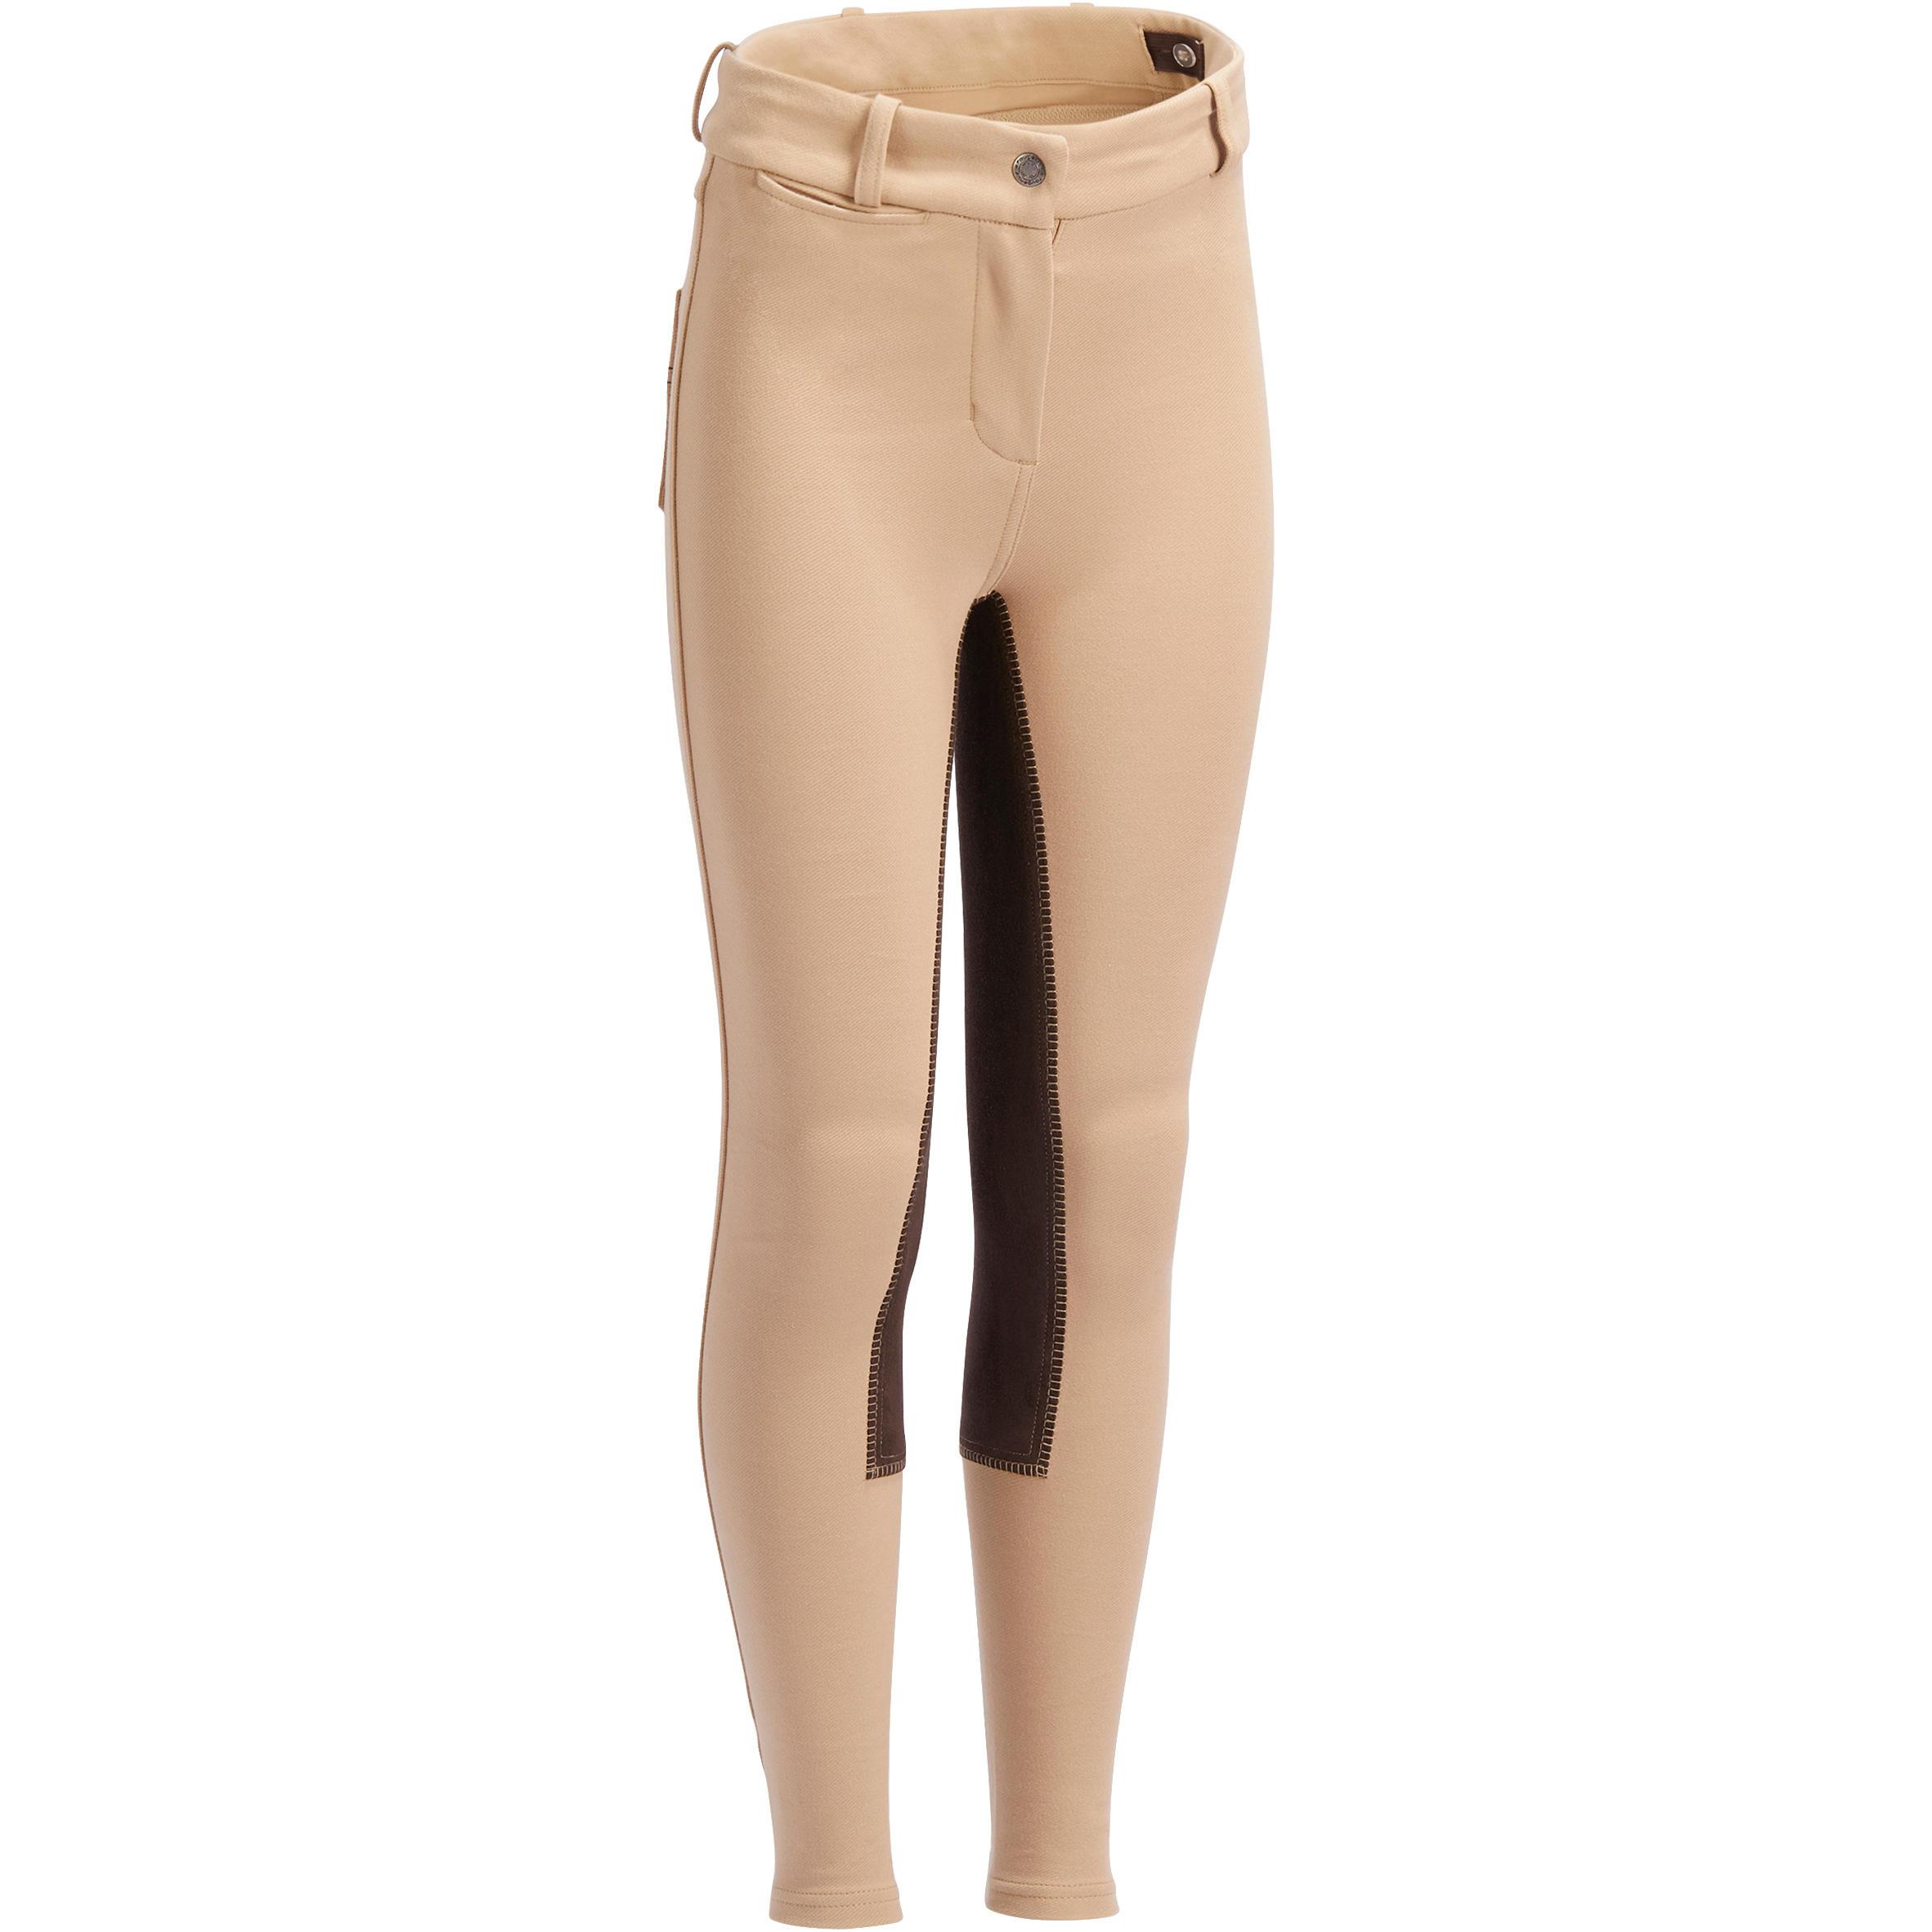 Pantalon Fullseat 180 Copii